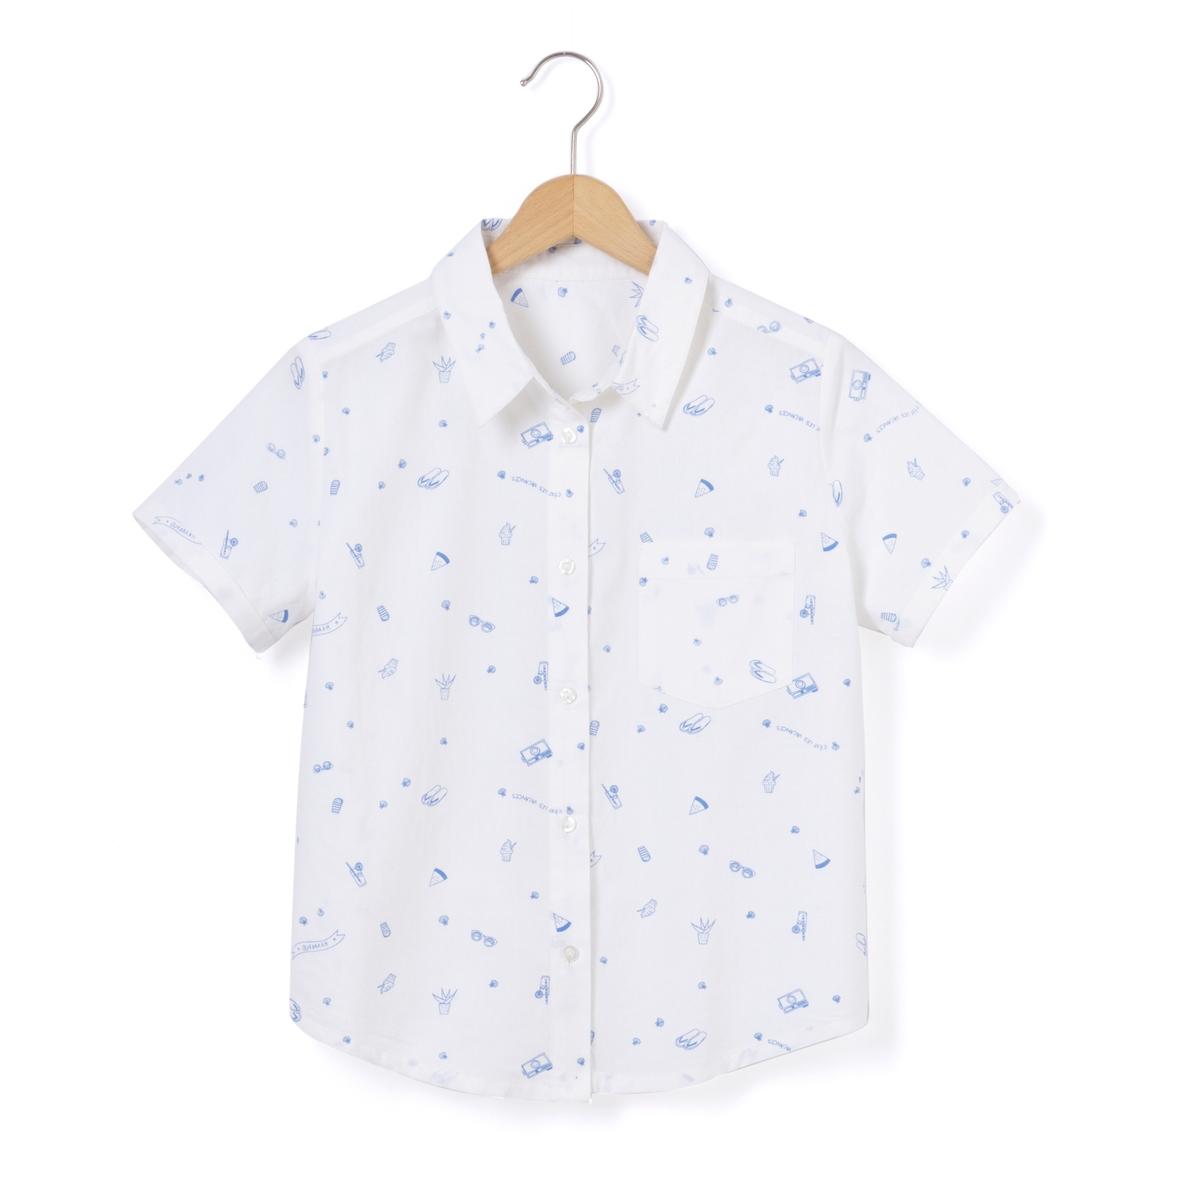 Блузка с воротником-поло и рисунком